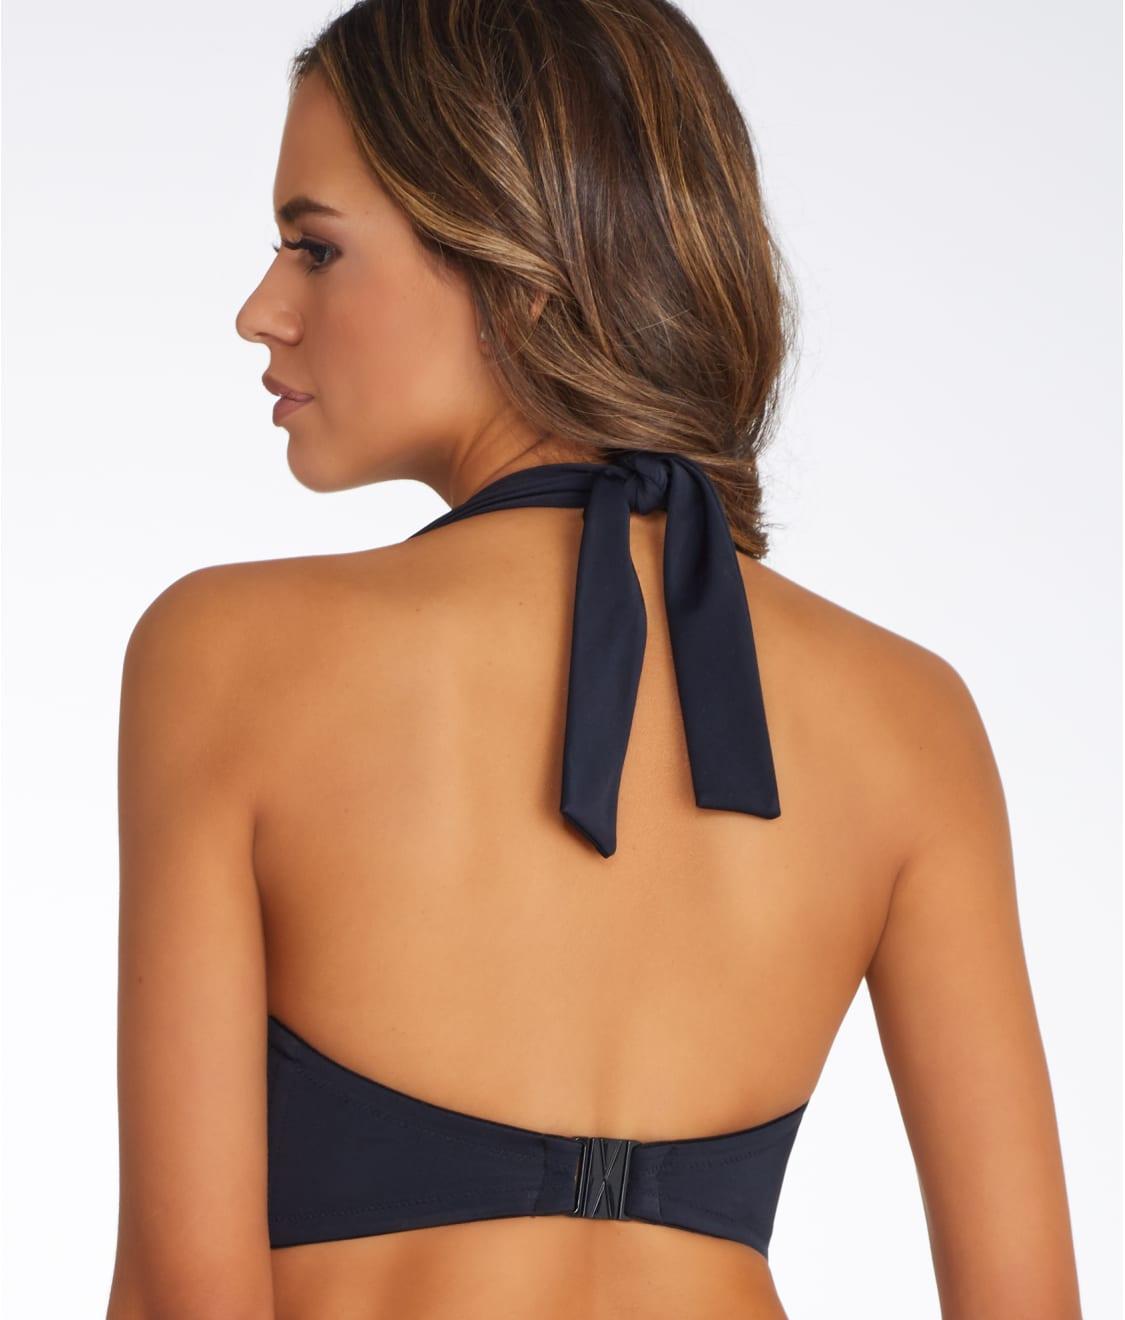 b6e67a561631d See Deco Solid Multi-Way Bandeau Bikini Top in Black